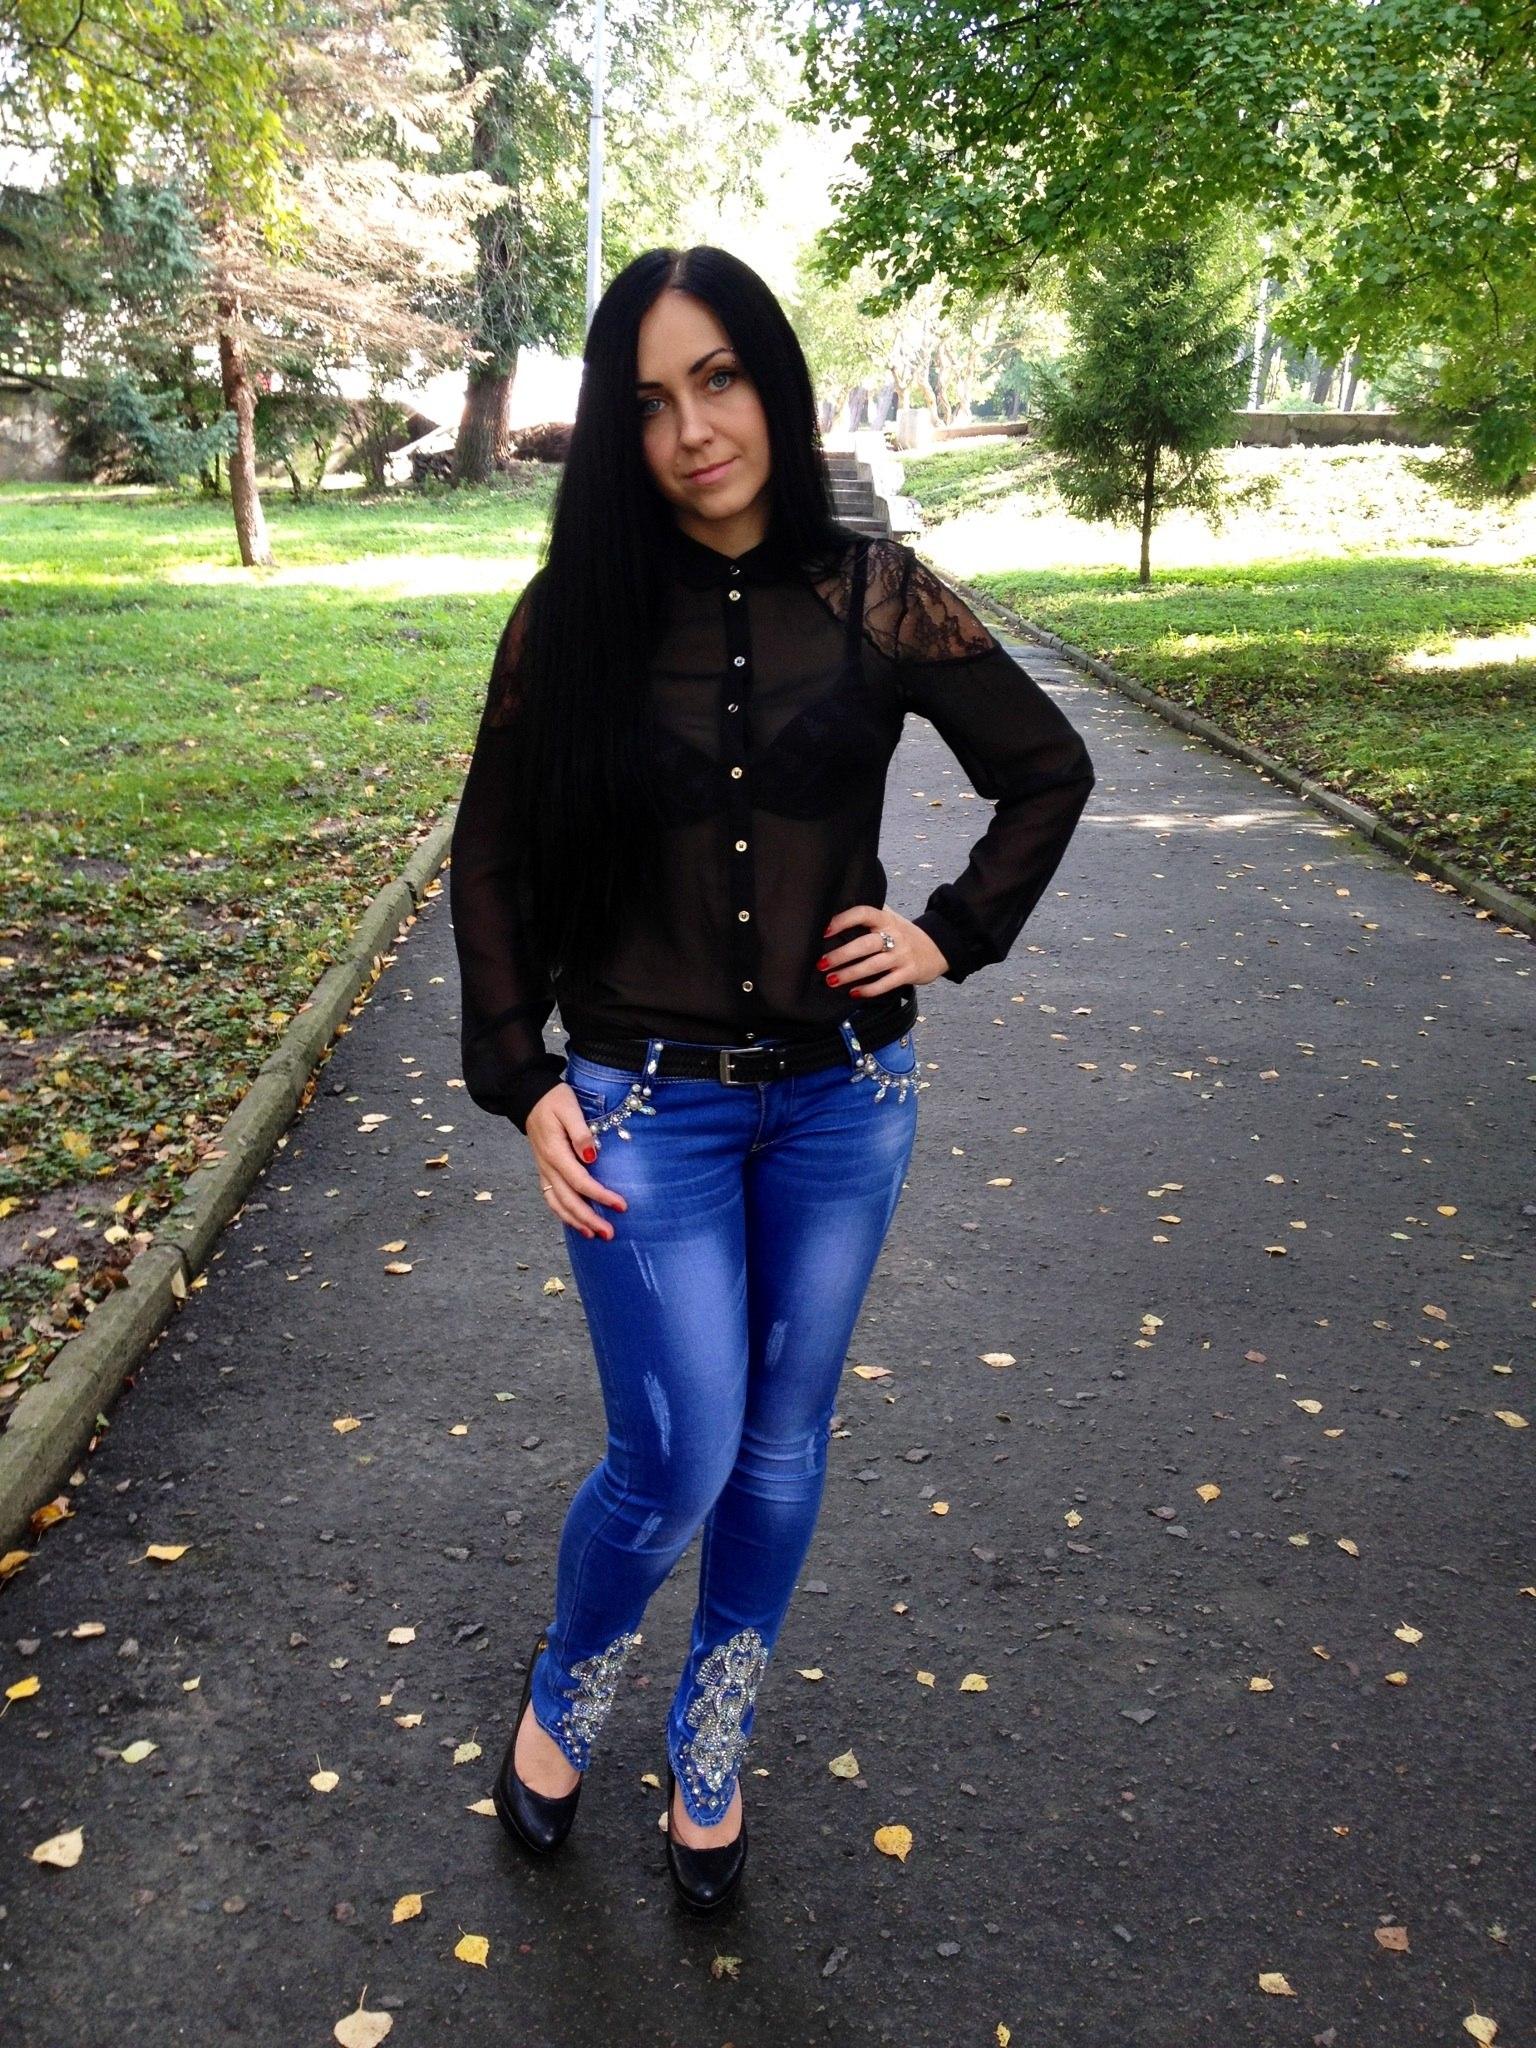 Брюнетка черной рубашке в парке